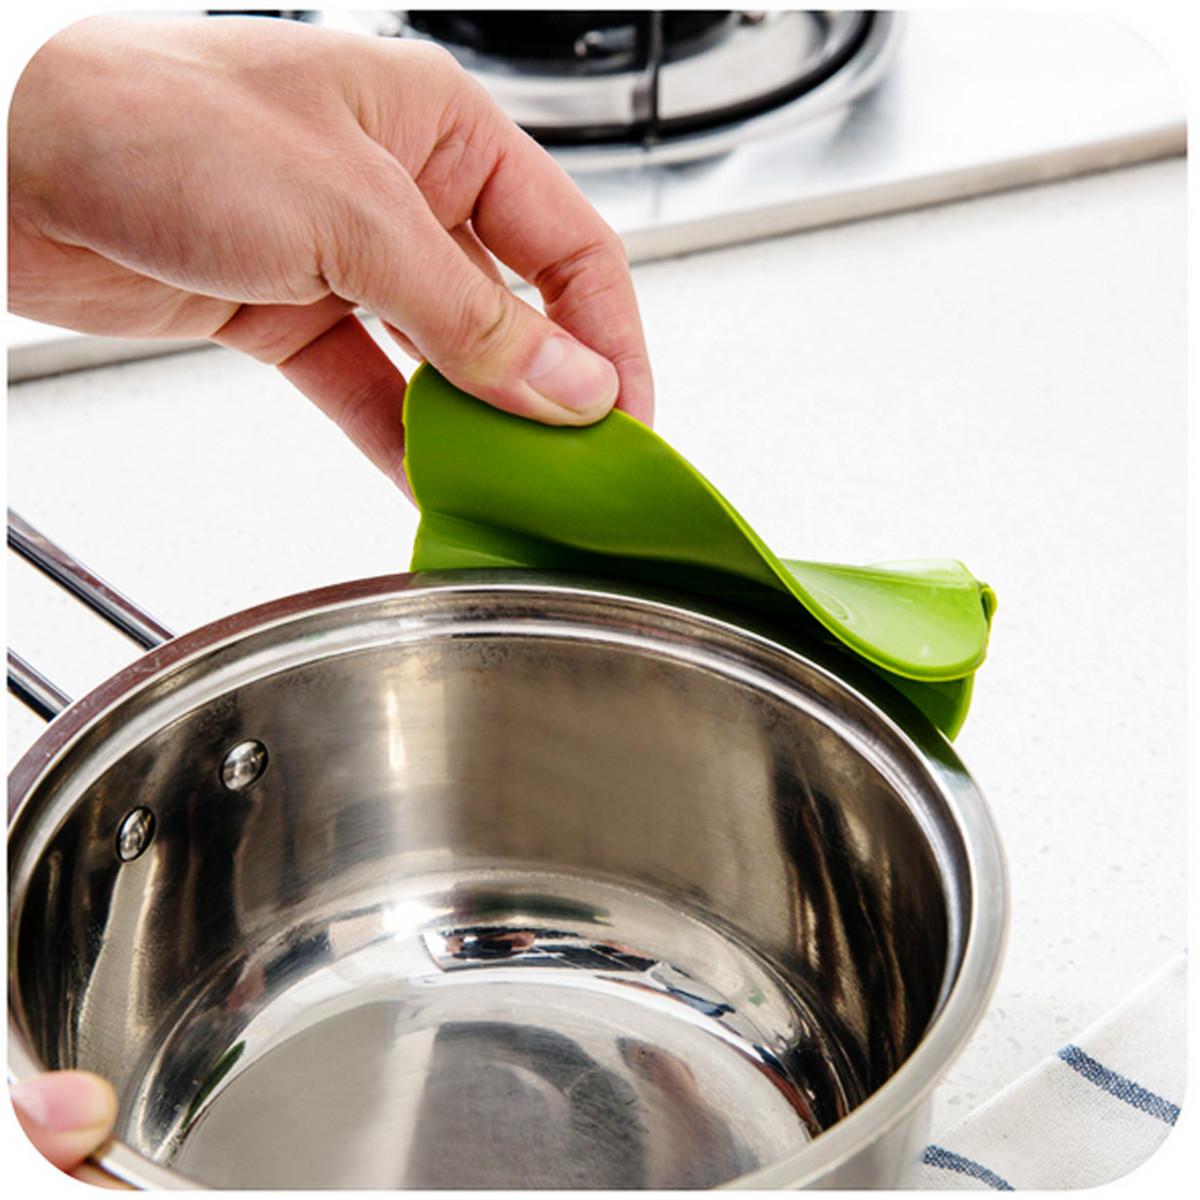 entonnoir huile liquide funnel gadget d flecteur soupe silicone outil pr cuisine achat vente. Black Bedroom Furniture Sets. Home Design Ideas